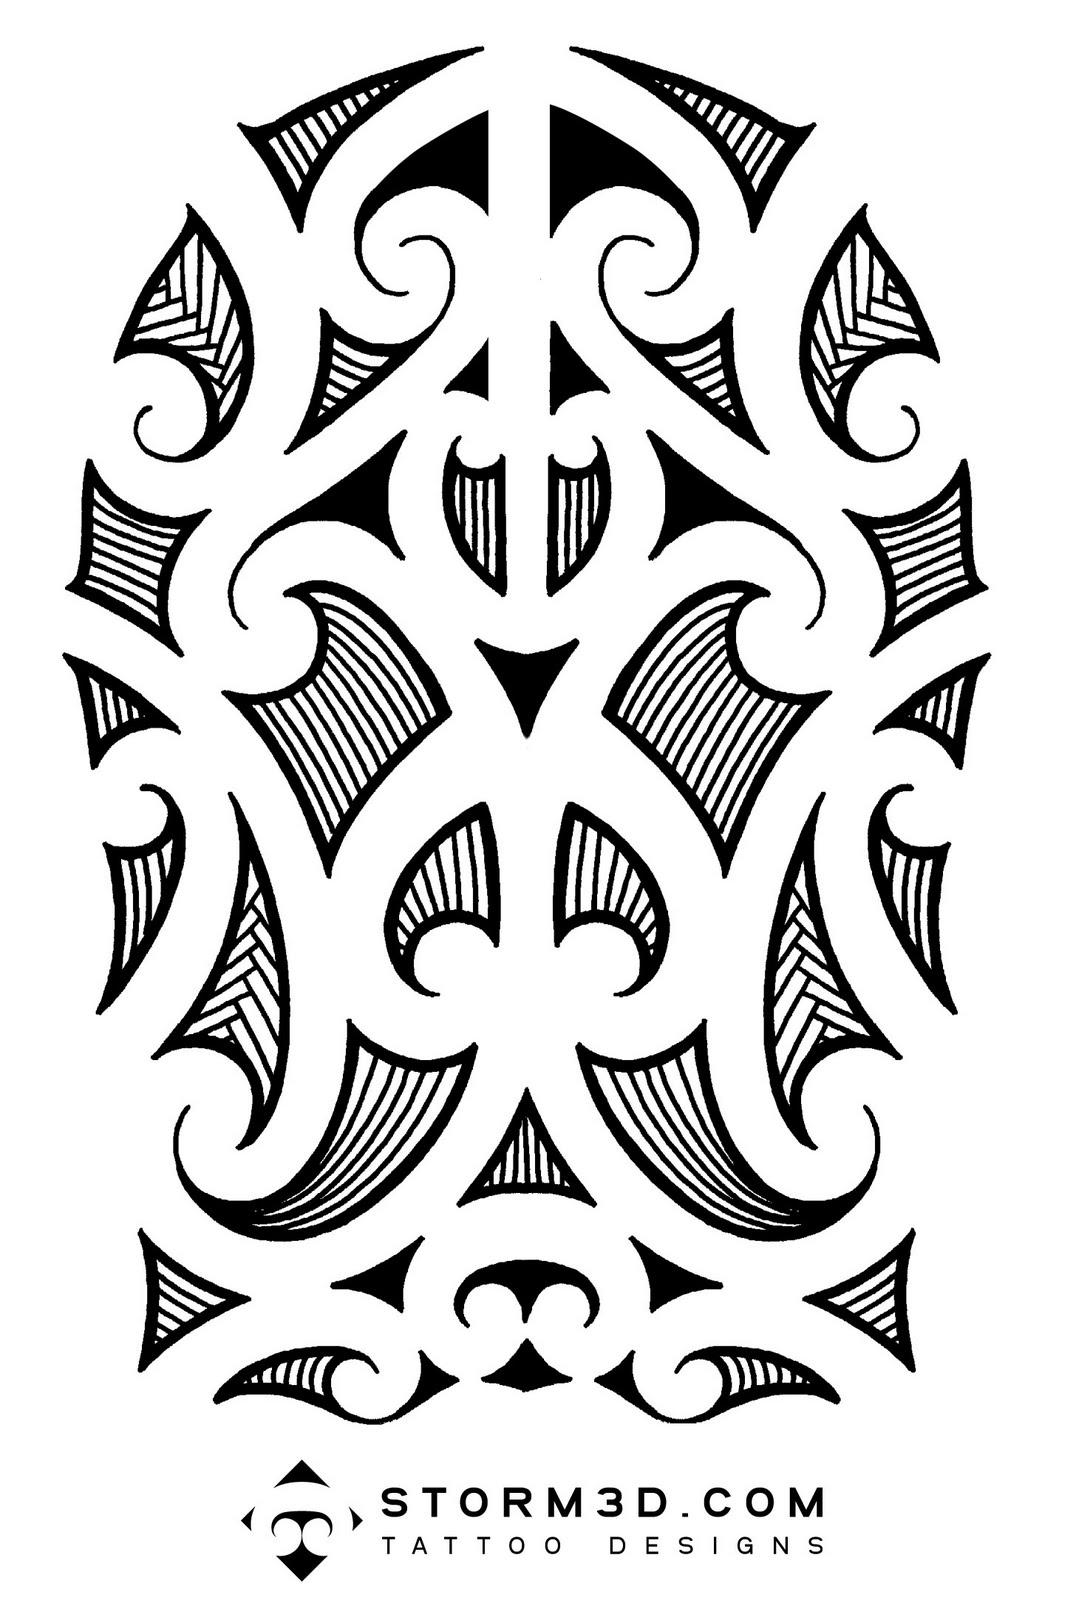 Inked Tattoo Design: Maori Tattoo Design